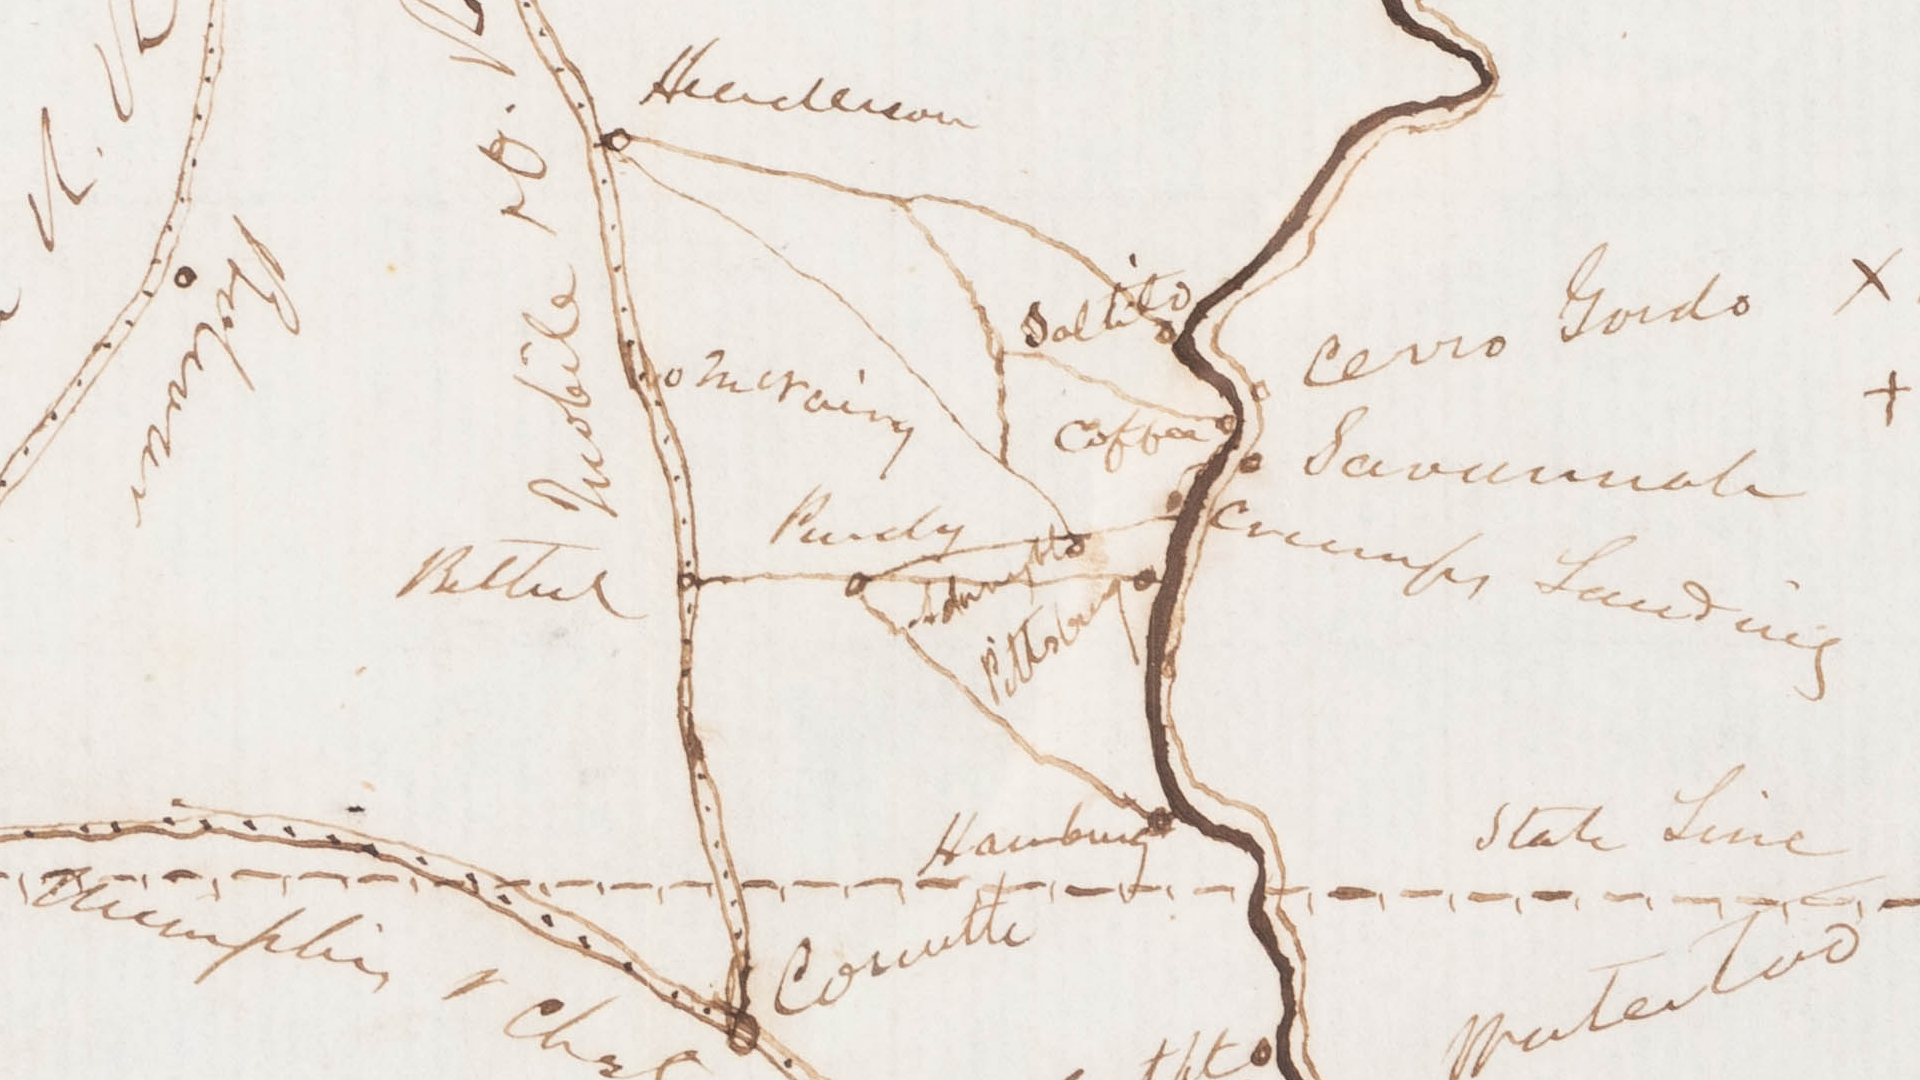 SALE 667: RARE AMERICANA - TRAVEL & EXPLORATION - HAWAII - WORLD HISTORY - CARTOGRAPHY